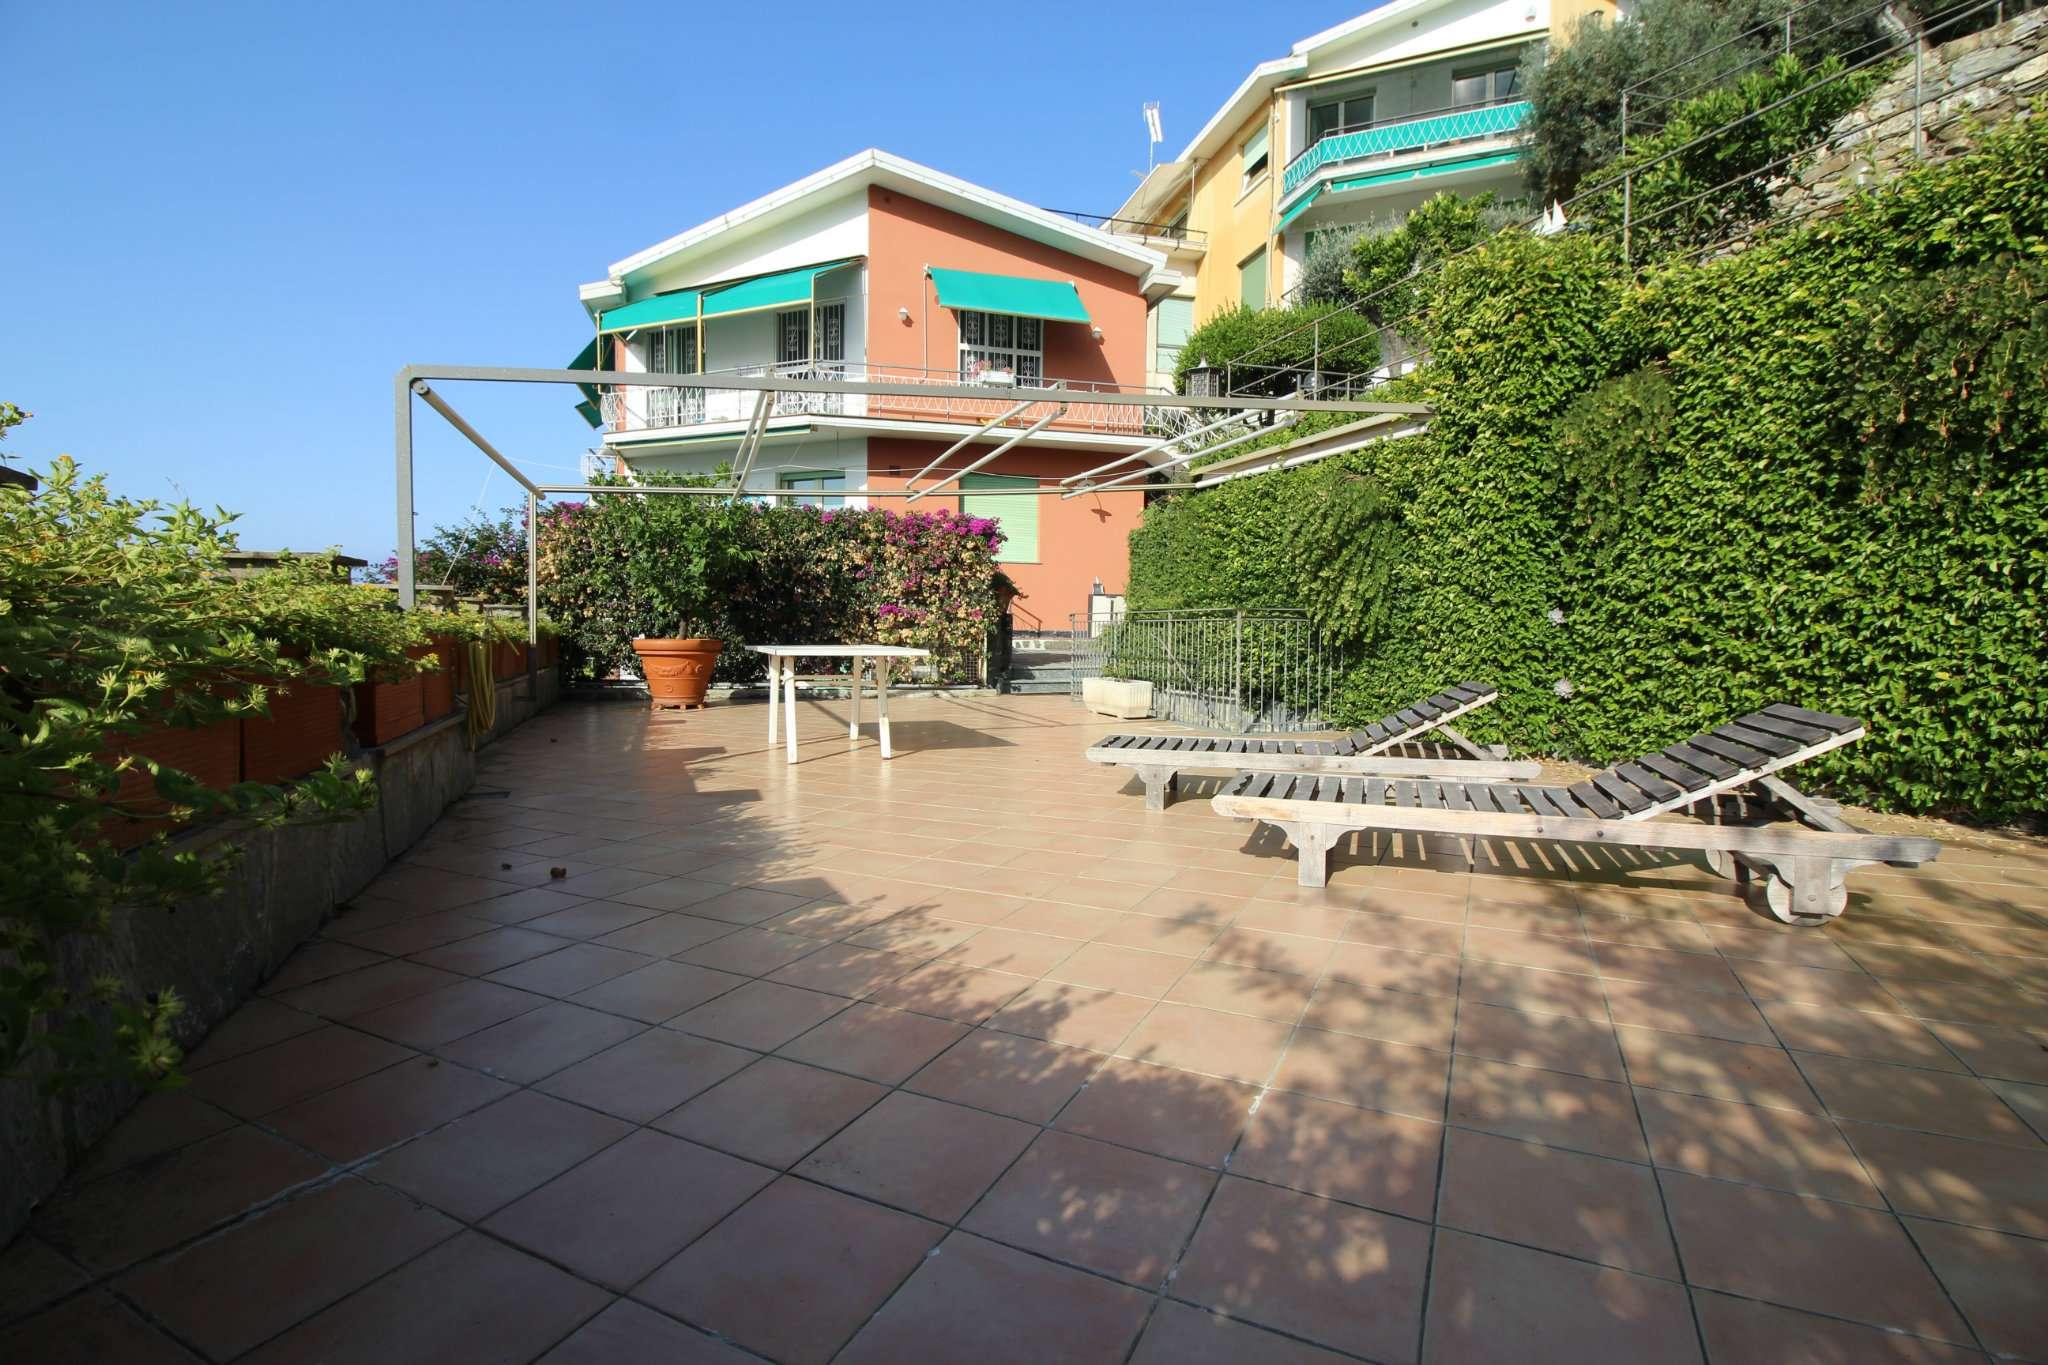 Appartamento in vendita a Sori, 4 locali, prezzo € 650.000 | CambioCasa.it